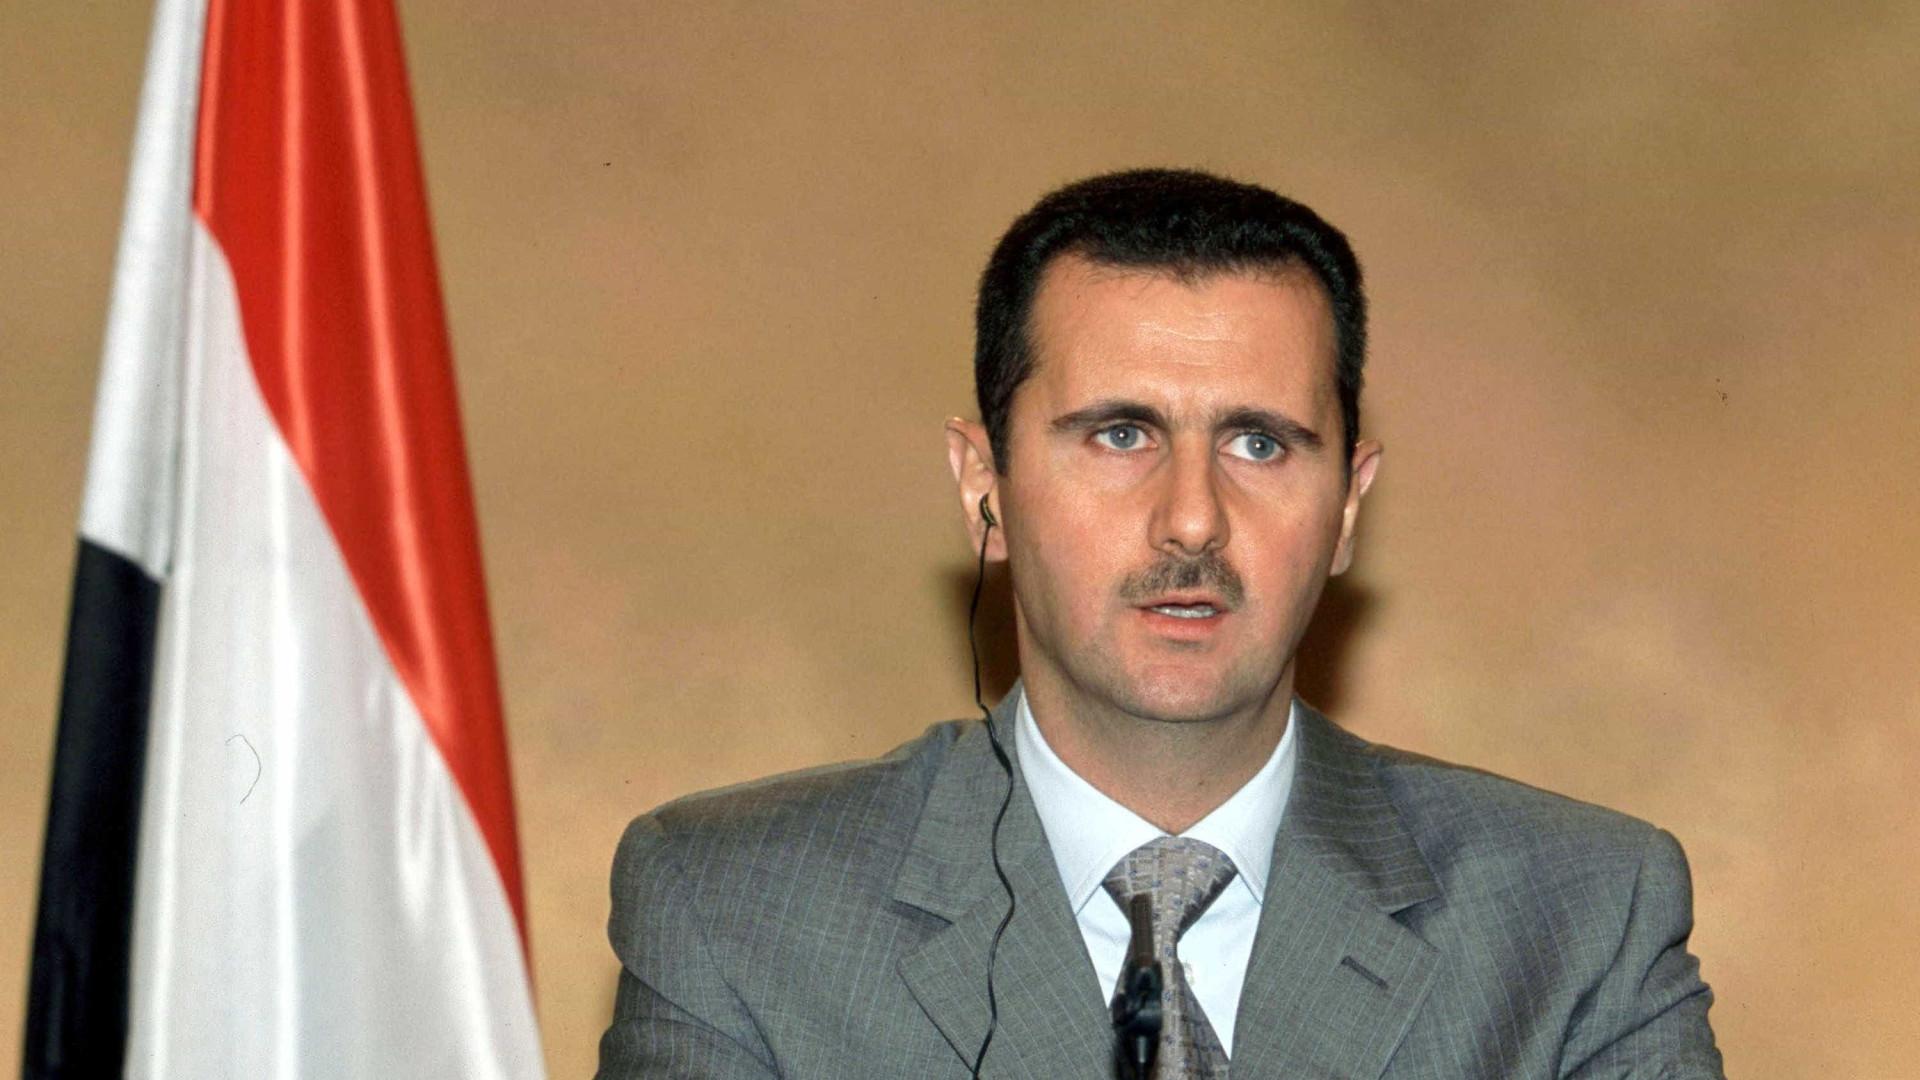 Assad devolve a França condecoração concedida em 2001